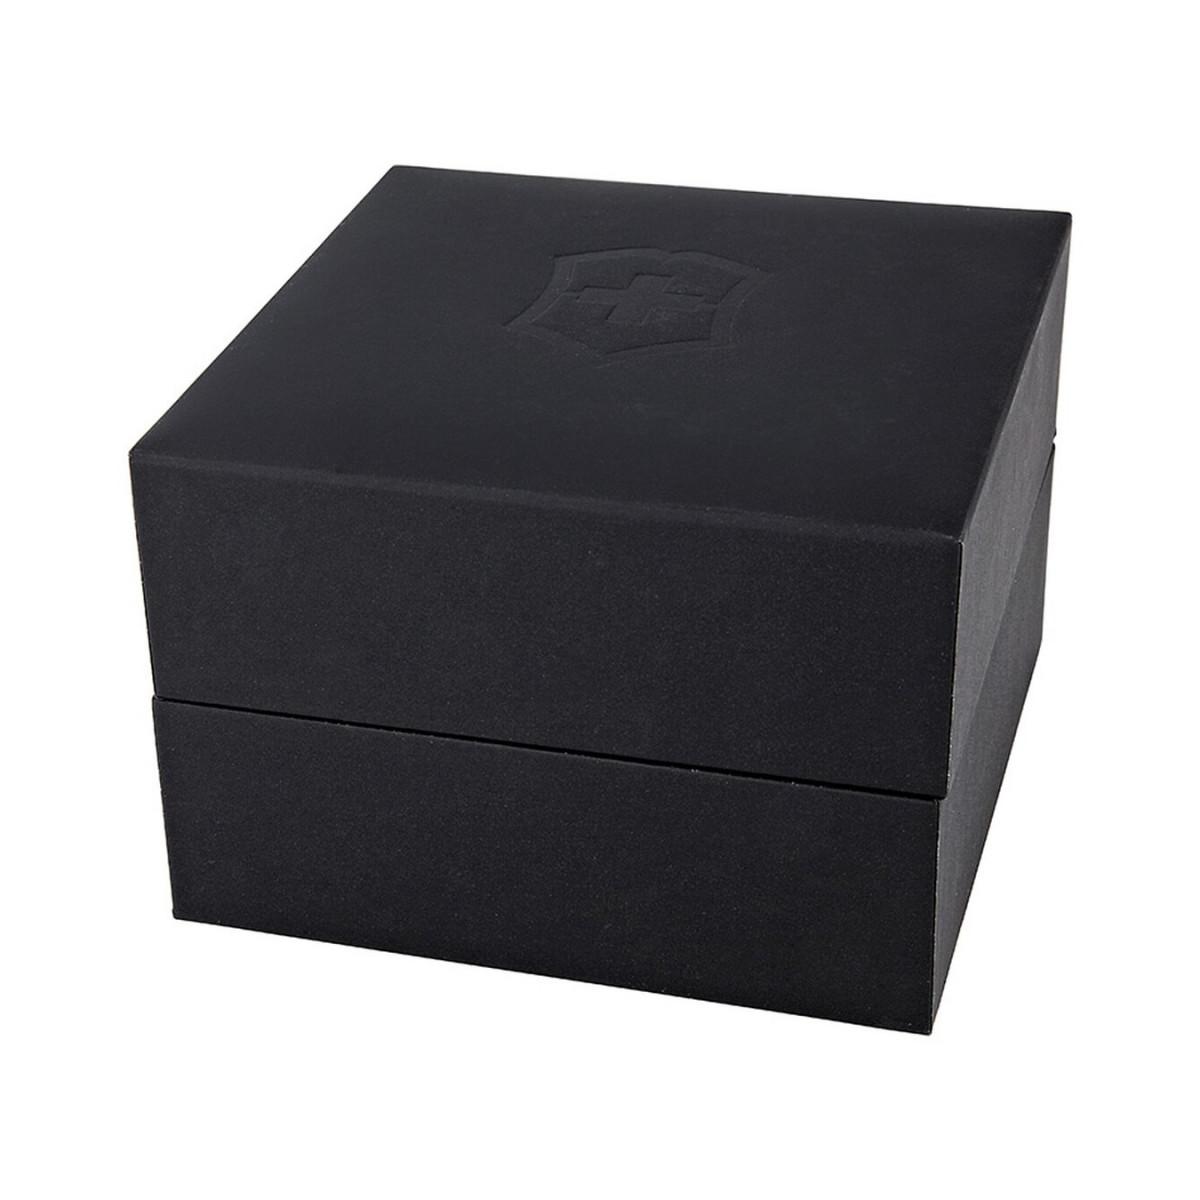 Montre Femme Victorinox ALLIANCE small, cadran gris, bracelet cuir gris - 30mm